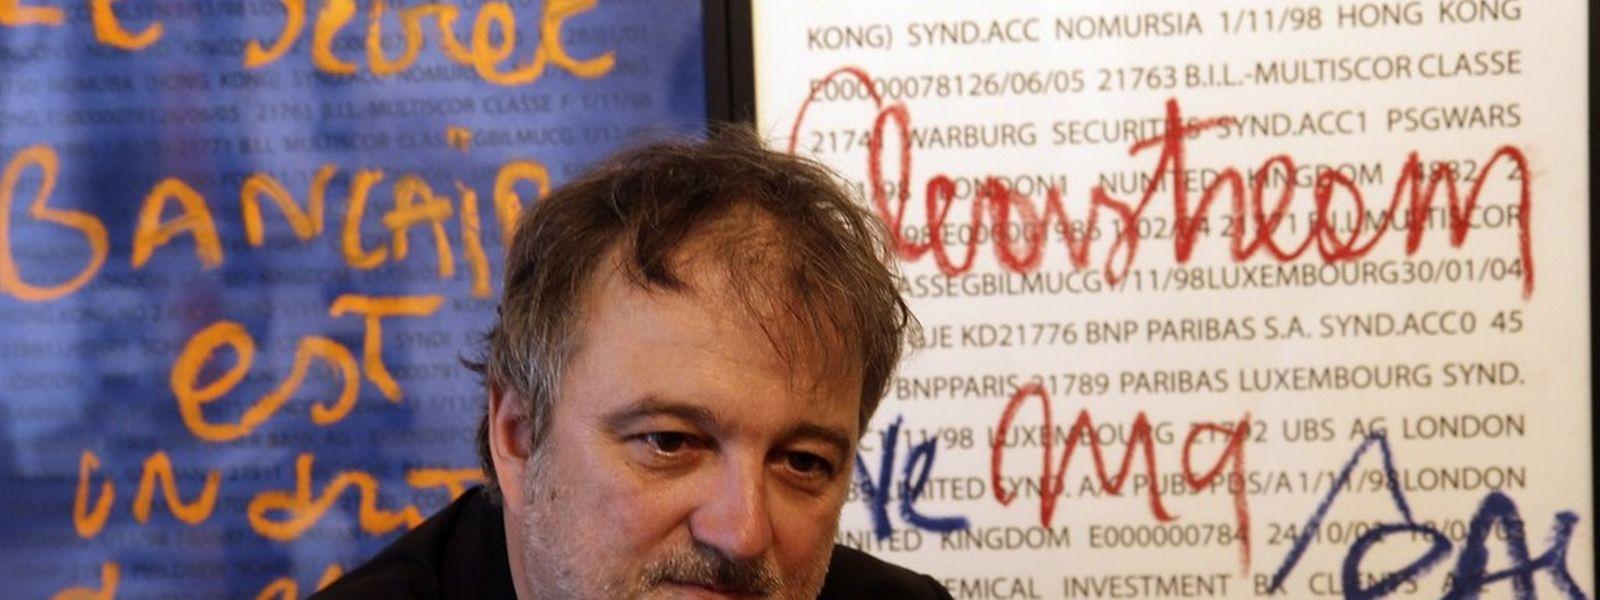 Denis Robert, ein kreativer Tausendsassa: Journalist, Schriftsteller, Essayist, Regisseur und Künstler. Hier auf einem Bild aus dem Jahr 2011 bei der Eröffnung einer Ausstellung seiner Kunstwerke über die okkulte Finanzwelt in Luxemburg.